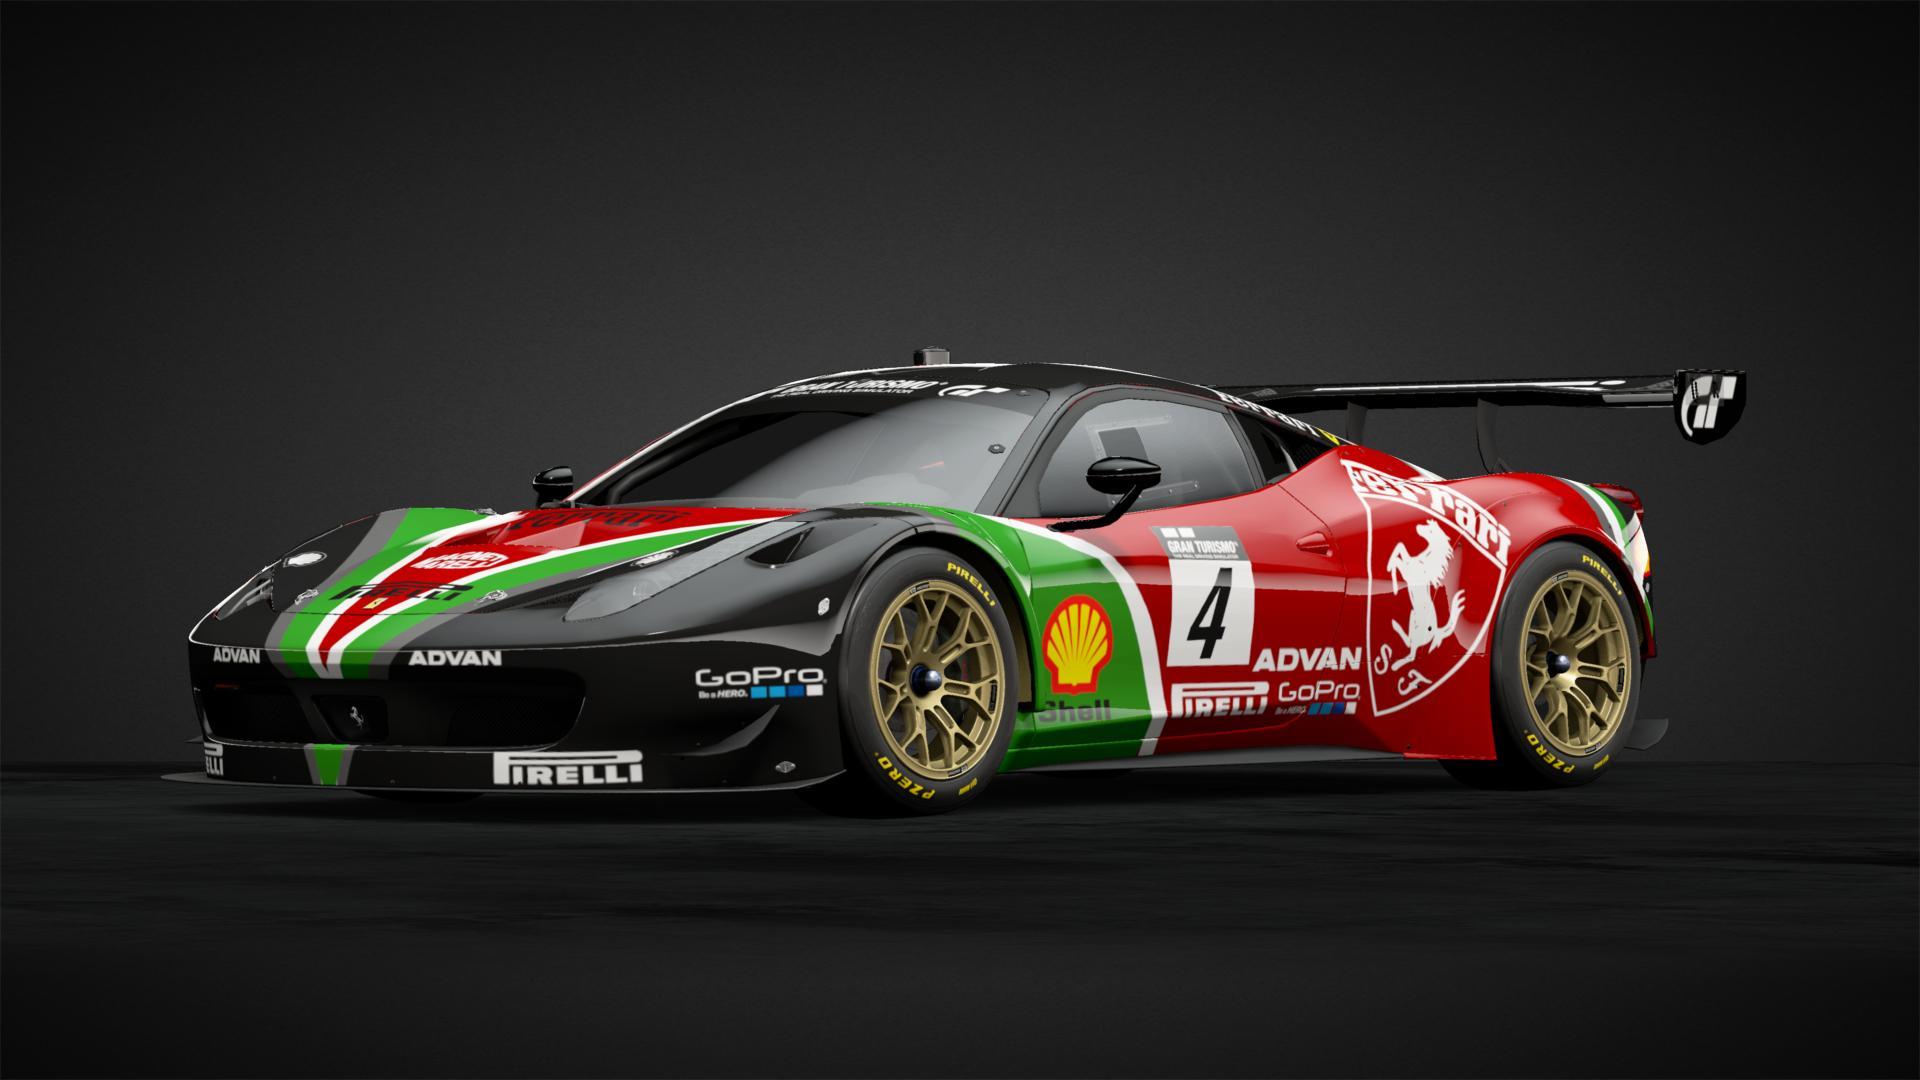 Custom Ferrari 458 Italia Gt3 Car Livery By Rogholmespne1880